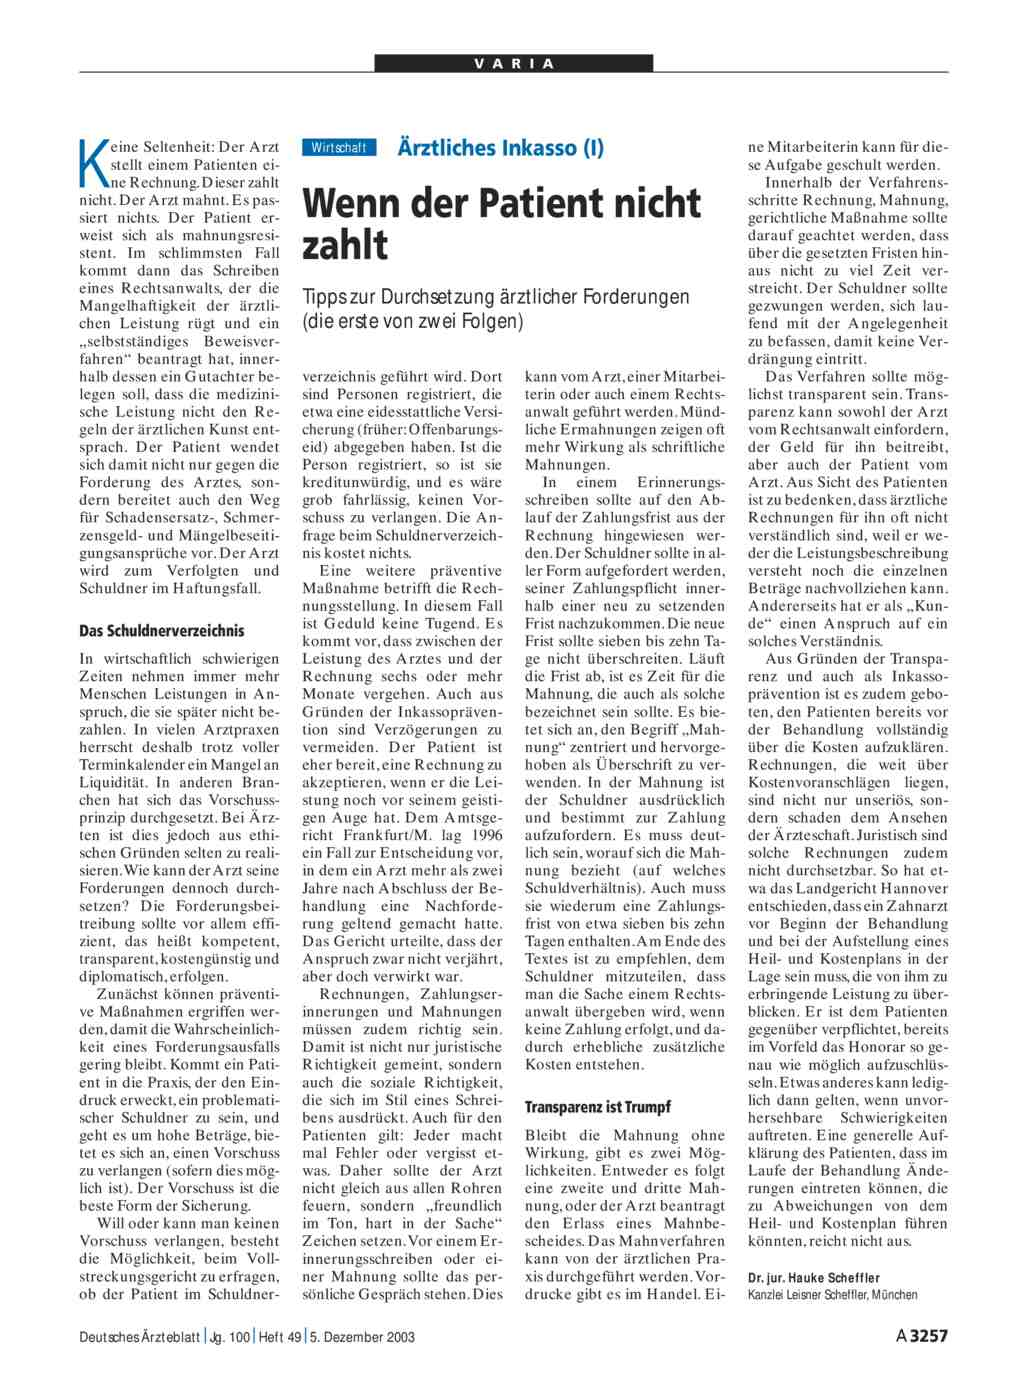 ärztliches Inkasso I Wenn Der Patient Nicht Zahlt